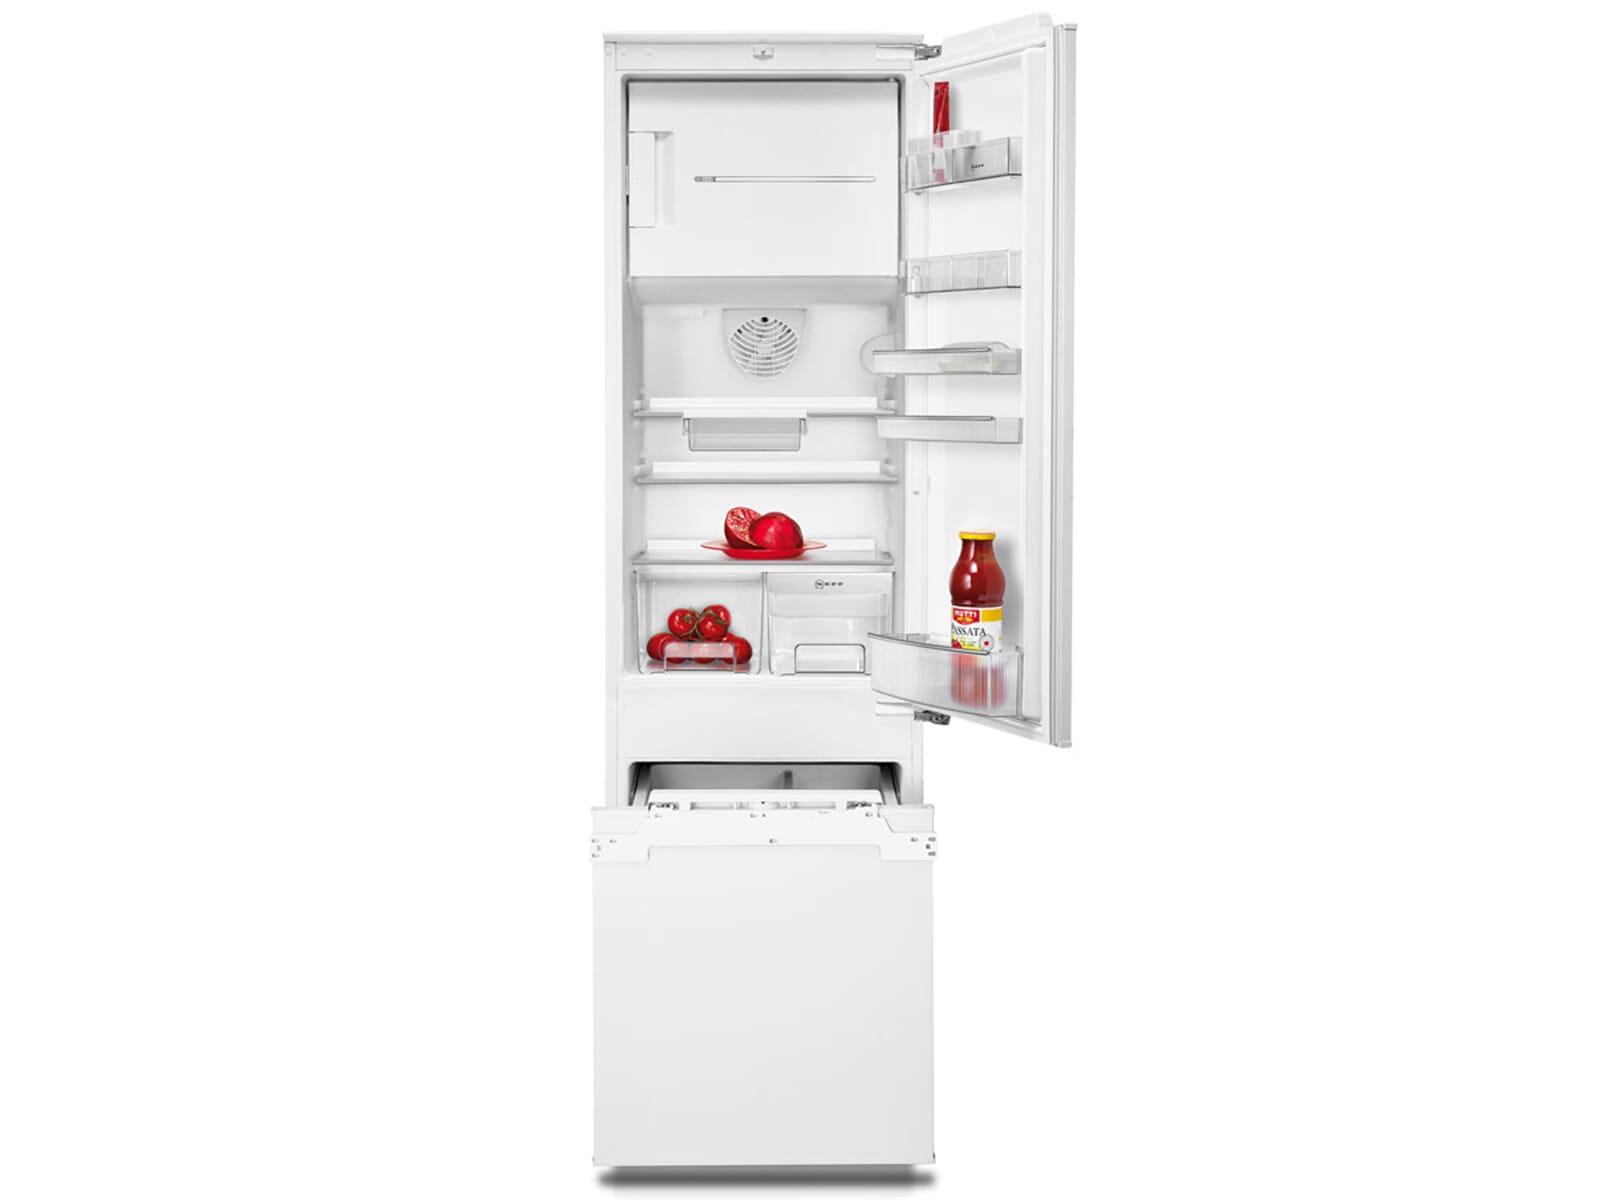 Aeg Kühlschrank Mit Kellerfach : Kühlschrank mit gefrierteil produkt küchen brauckhoff